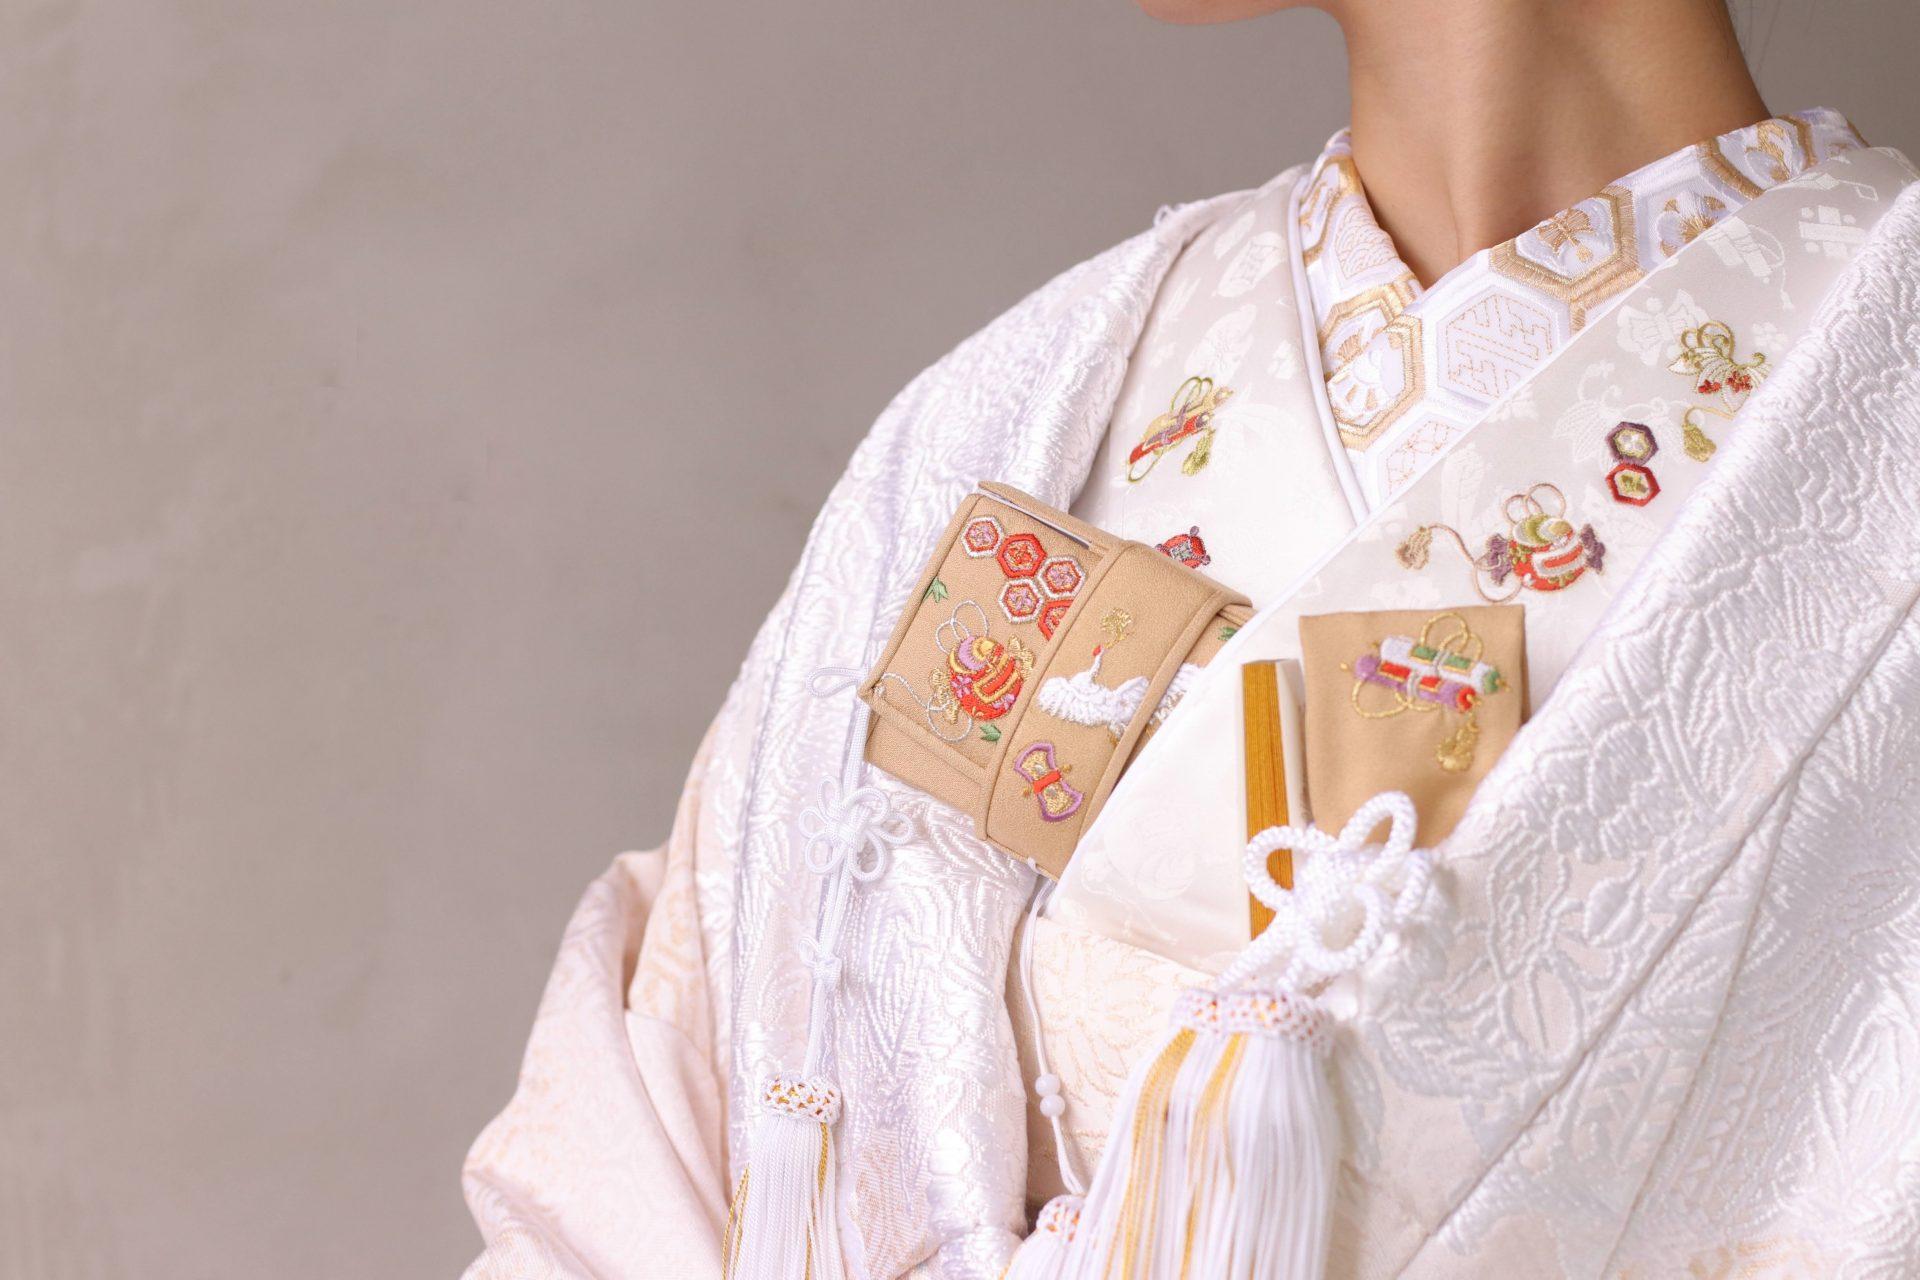 パレスホテル東京の提携ドレスショップ、ザ・トリート・ドレッシング アディション店にてレンタル可能な和装は、白無垢だけではなく合わせる半衿や帯揚げなどの小物に関しても幅広いバリエーションを取り扱いしており、そのモダンなコーディネートはインスタグラムでも人気です